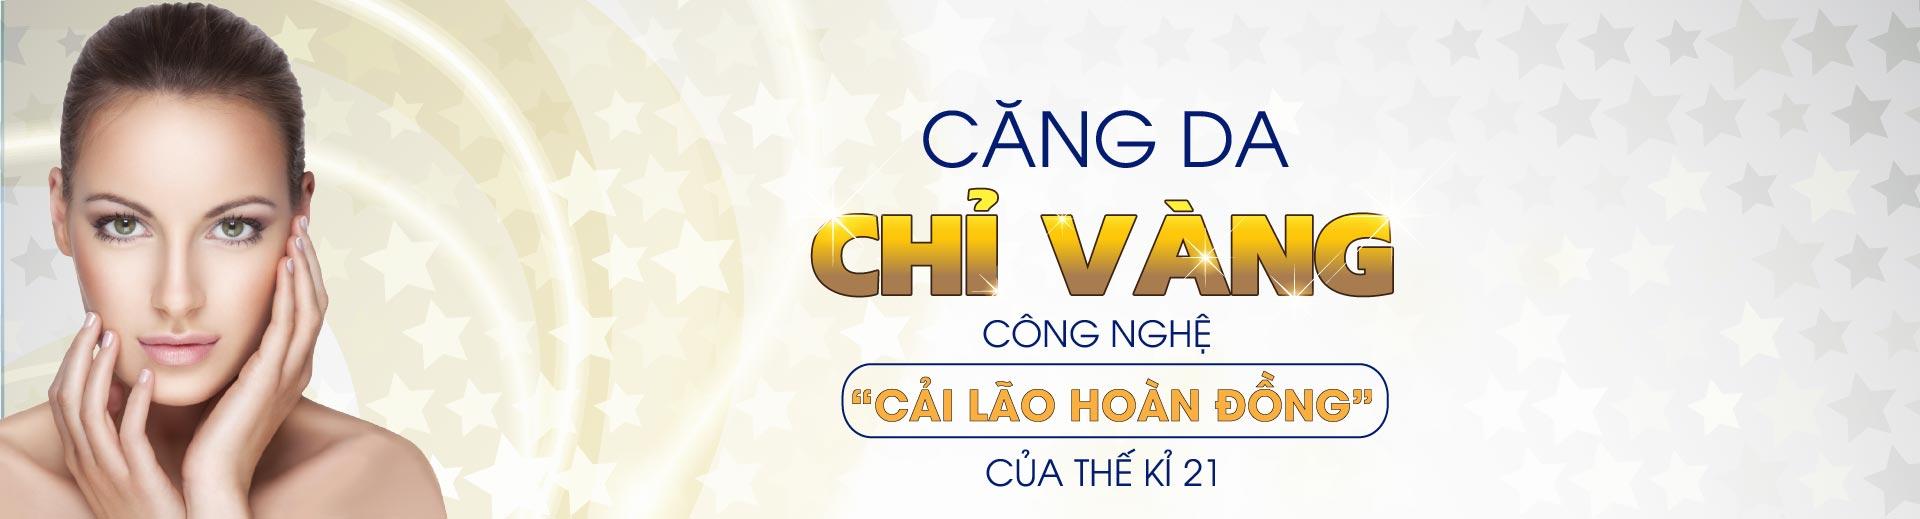 slider-cang-da-chi-vang